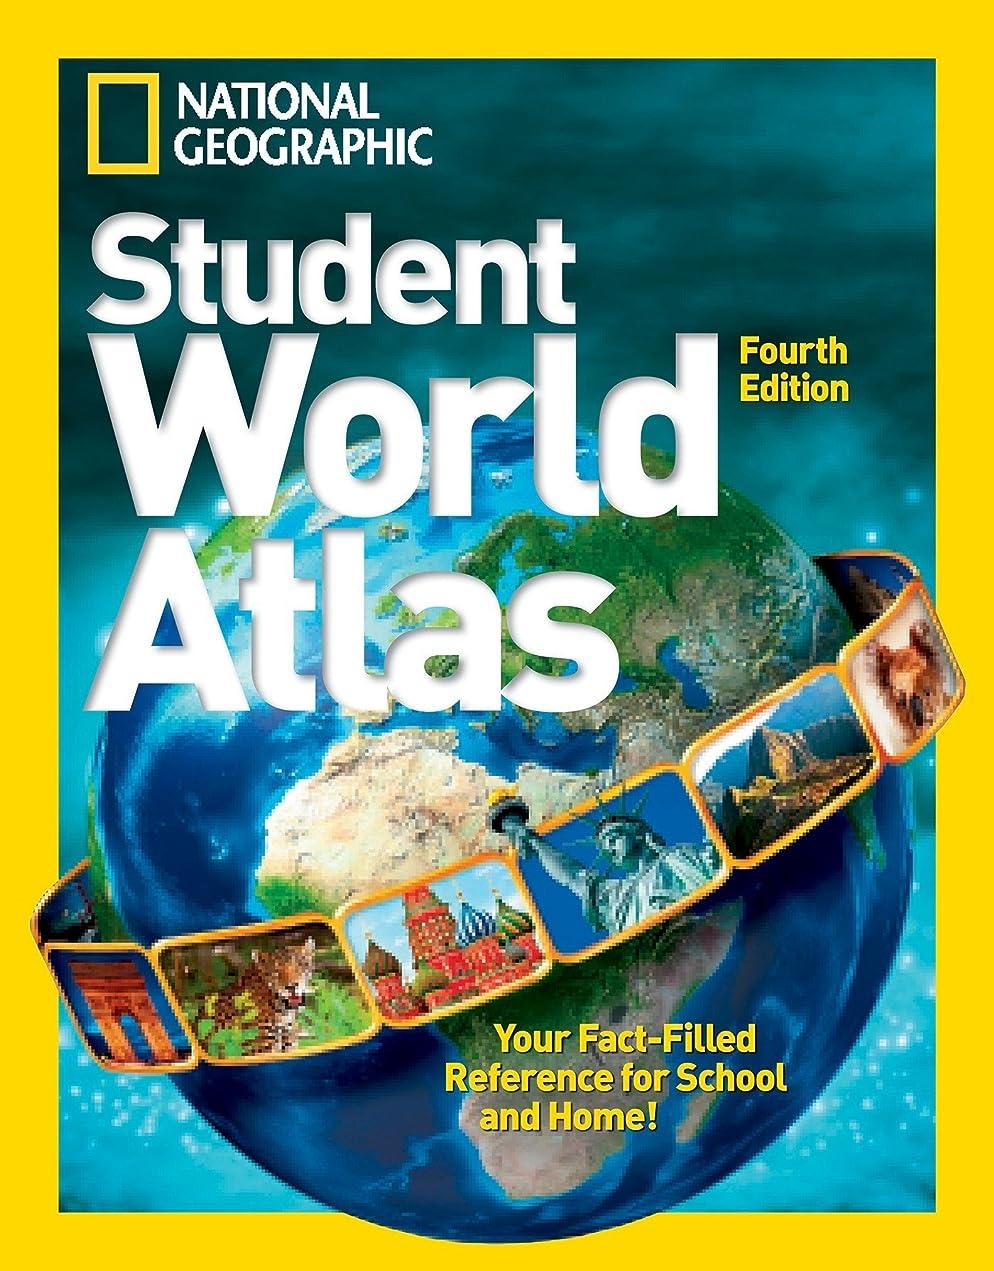 樹木奇妙なだらしないNational Geographic Student World Atlas, Fourth Edition: Your Fact-Filled Reference for School and Home!